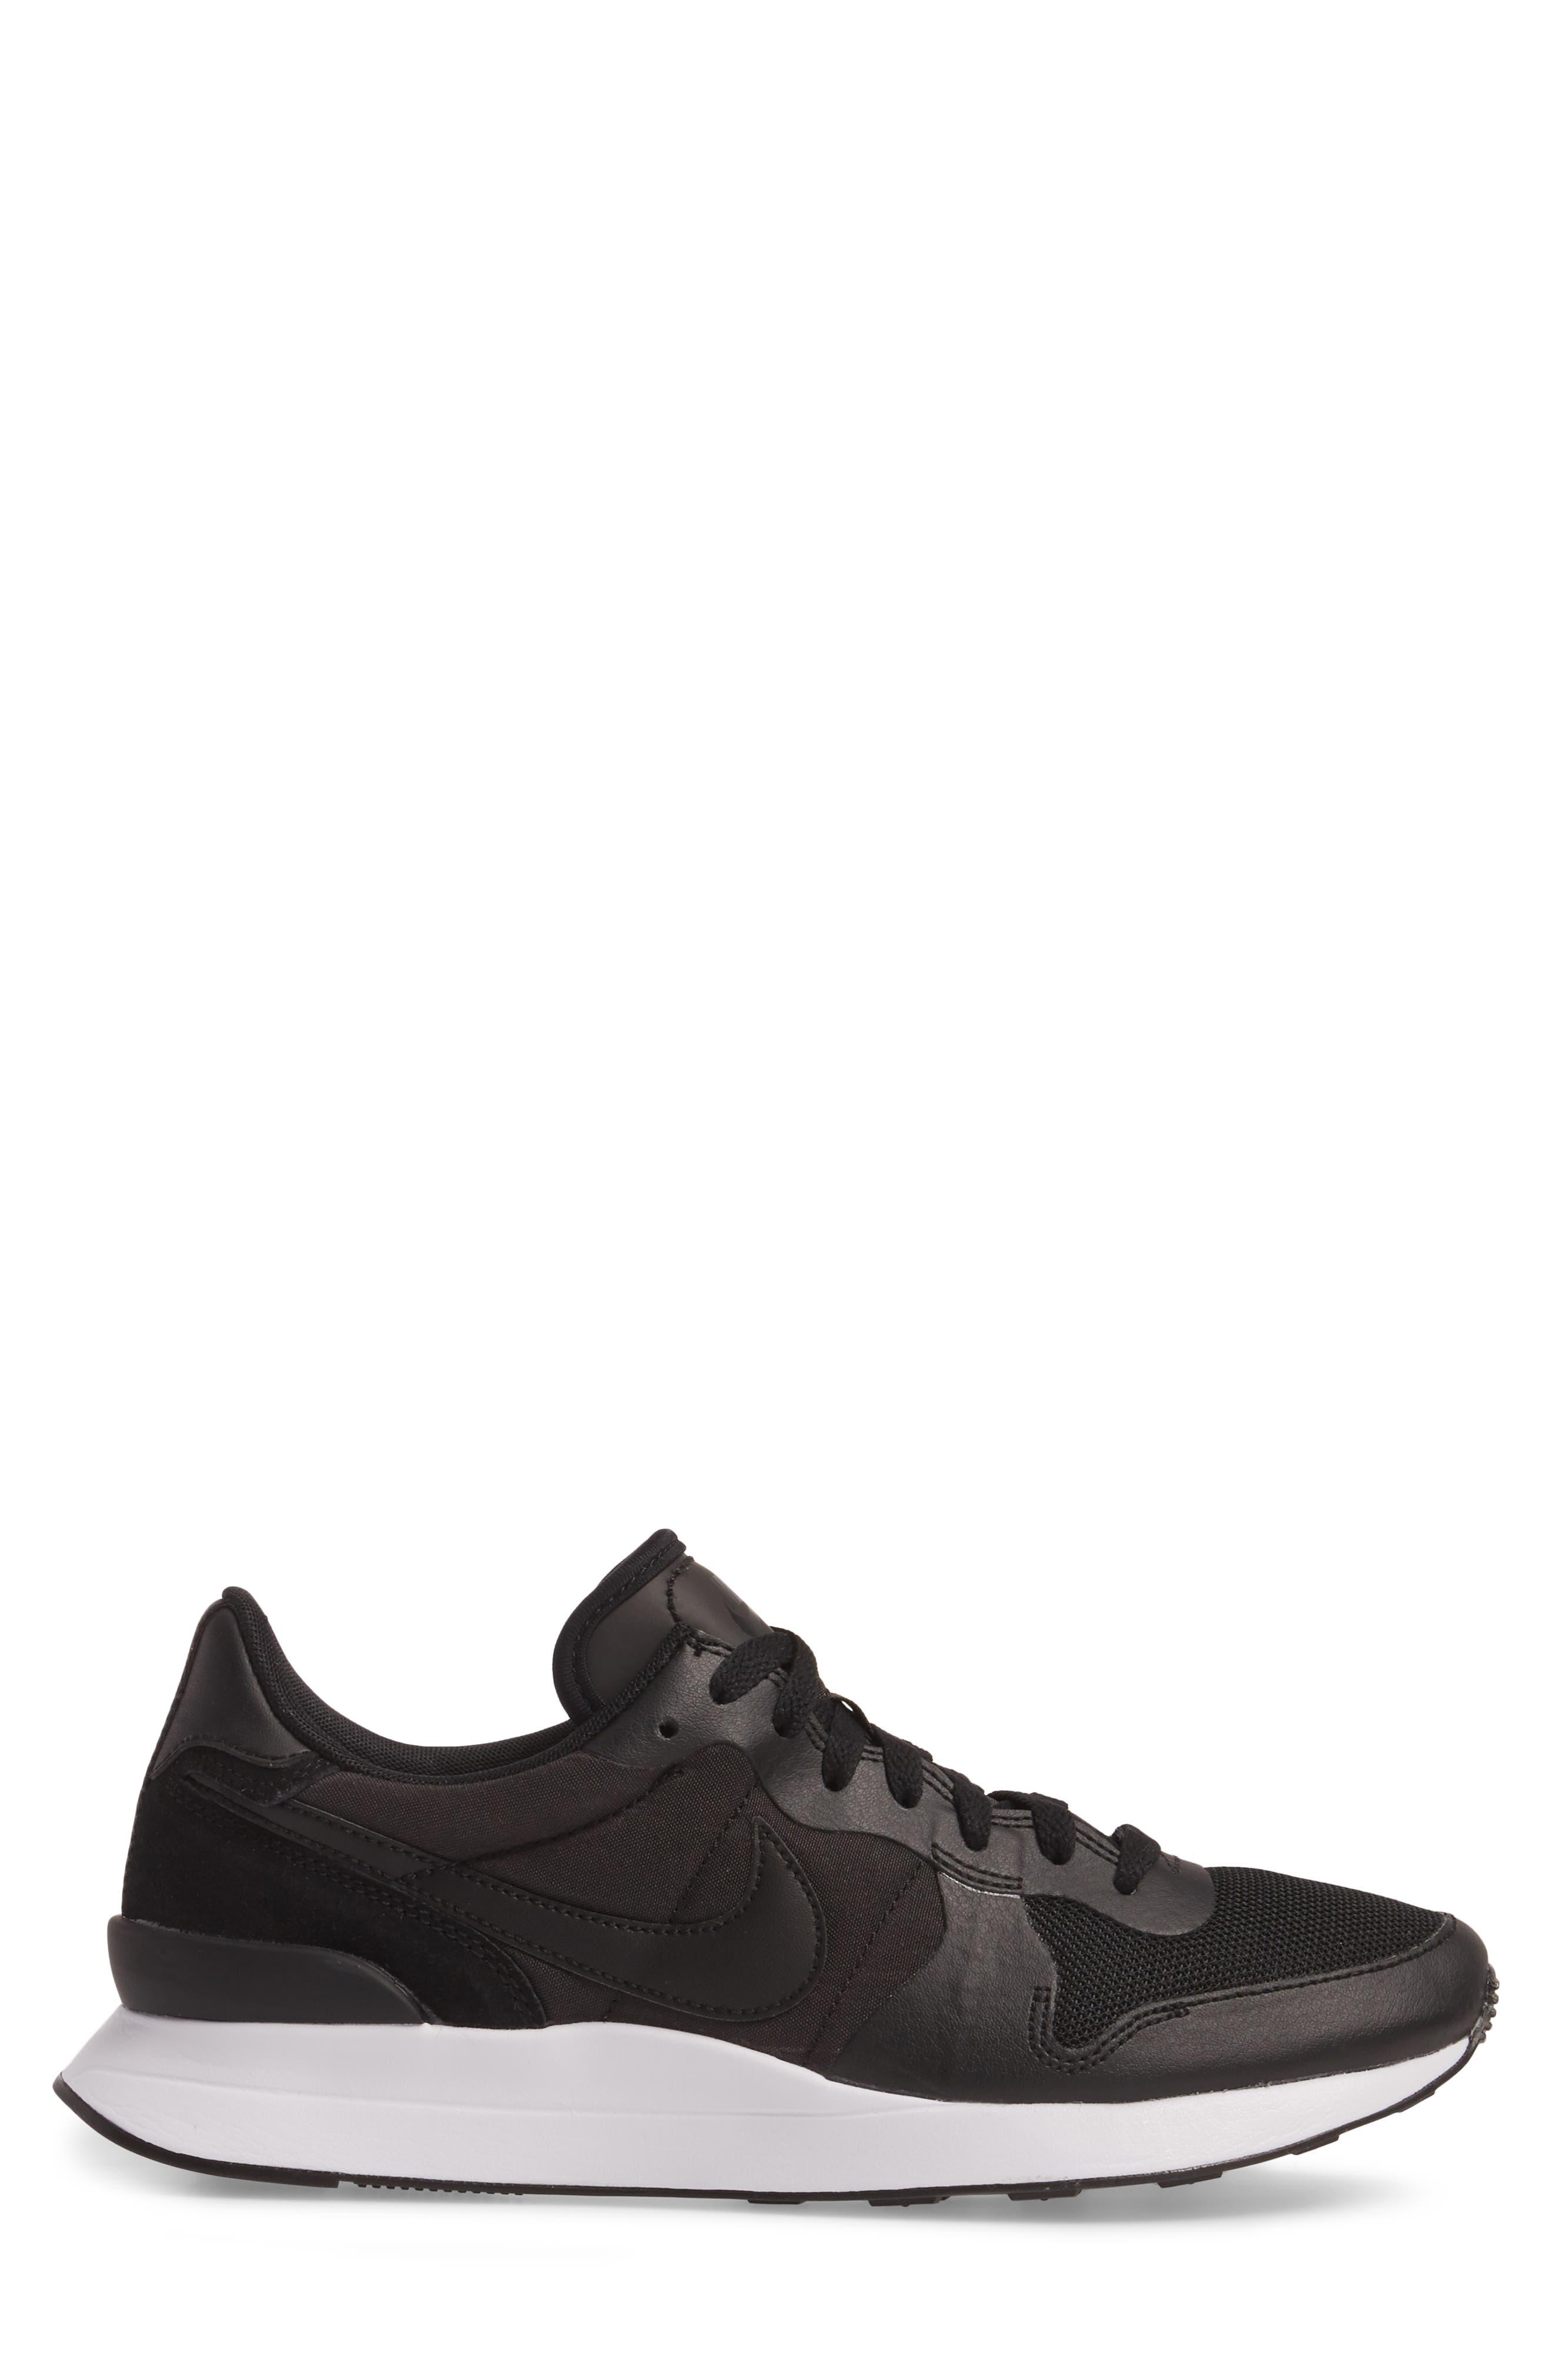 Internationalist LT17 Sneaker,                             Alternate thumbnail 3, color,